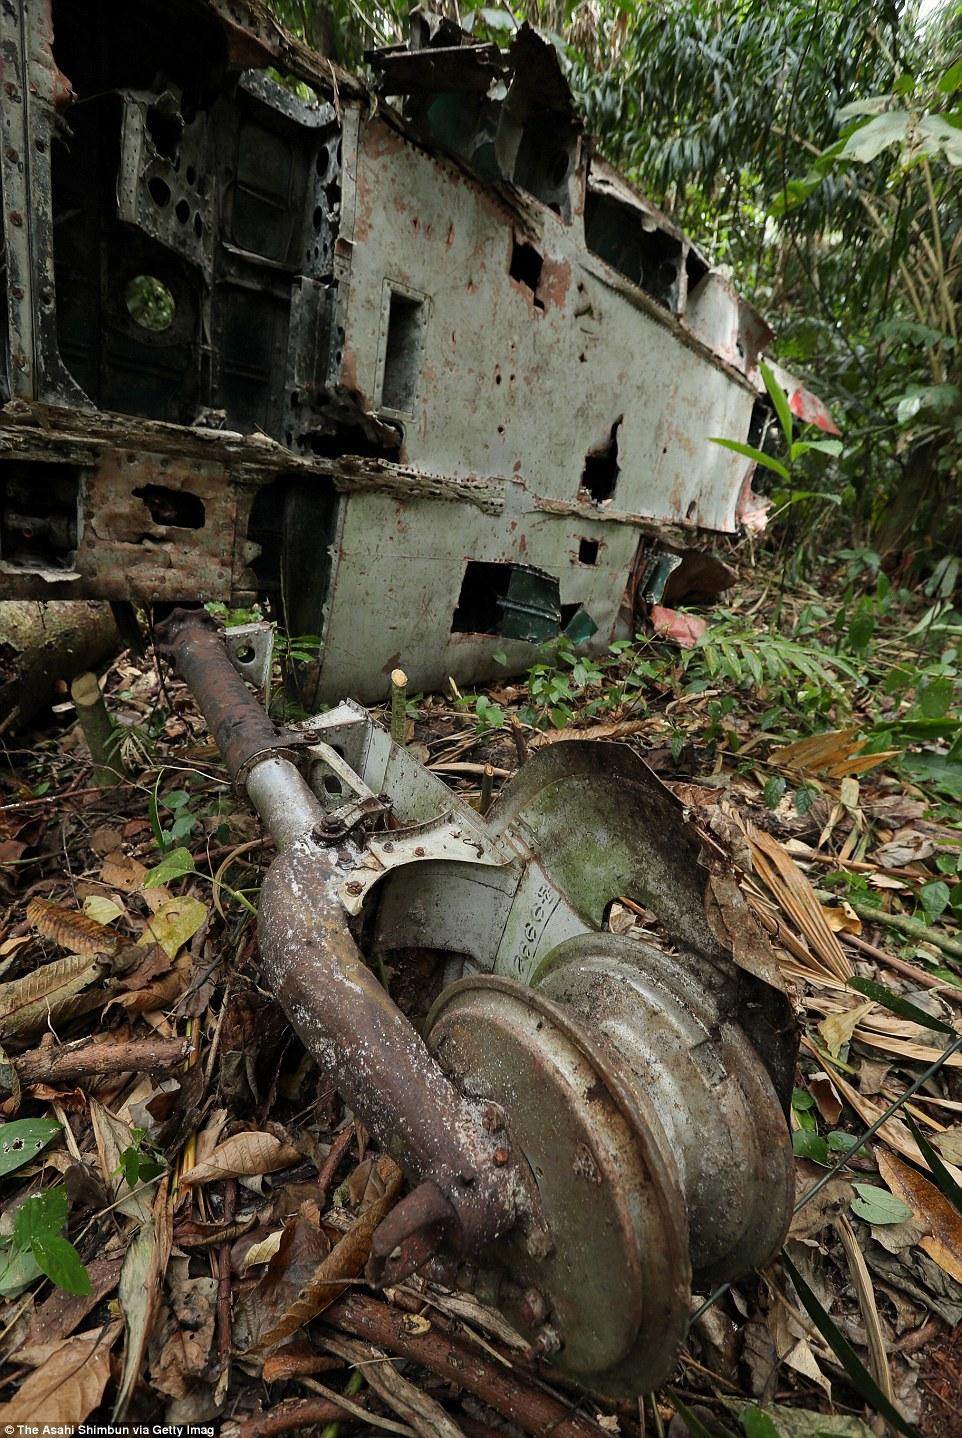 Egy japán A6M Zero vadászgép roncsa a salamon-szigeteki Guadalcanal sziget dzsungelében.